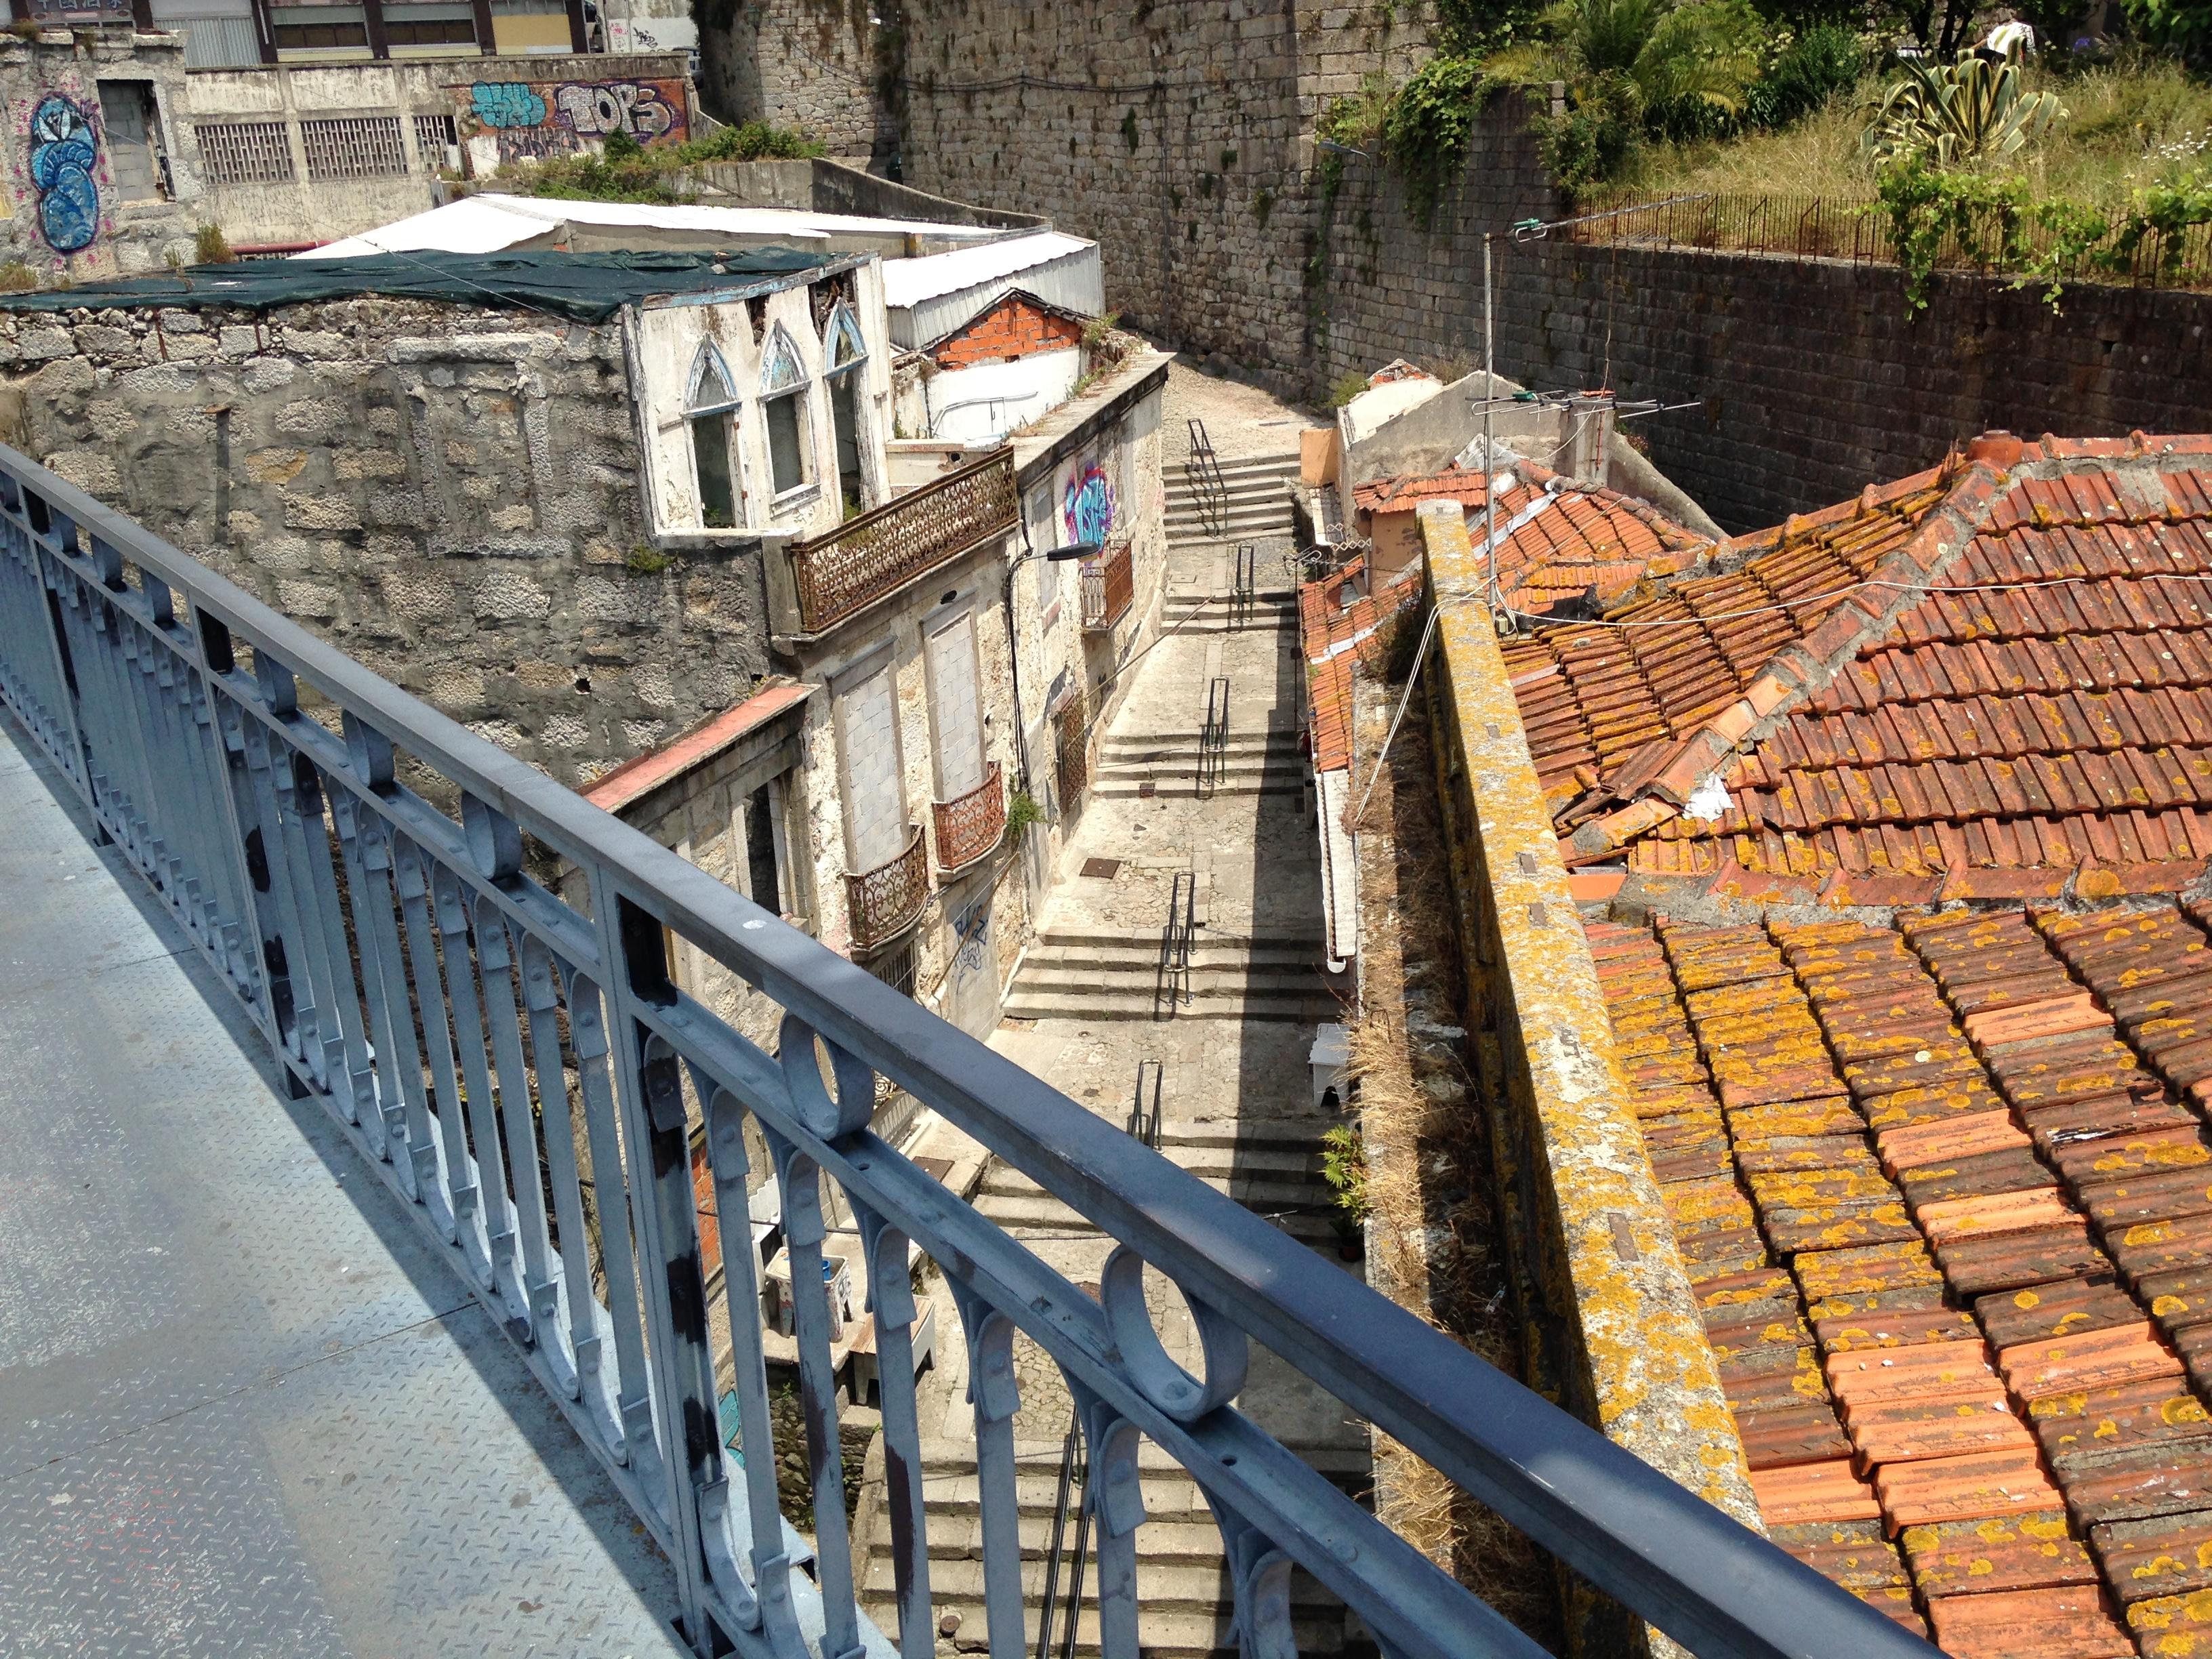 לבחור בין הגרוע לגרוע ביותר. הגשר בפורטו (צילום: יואב מאירי)